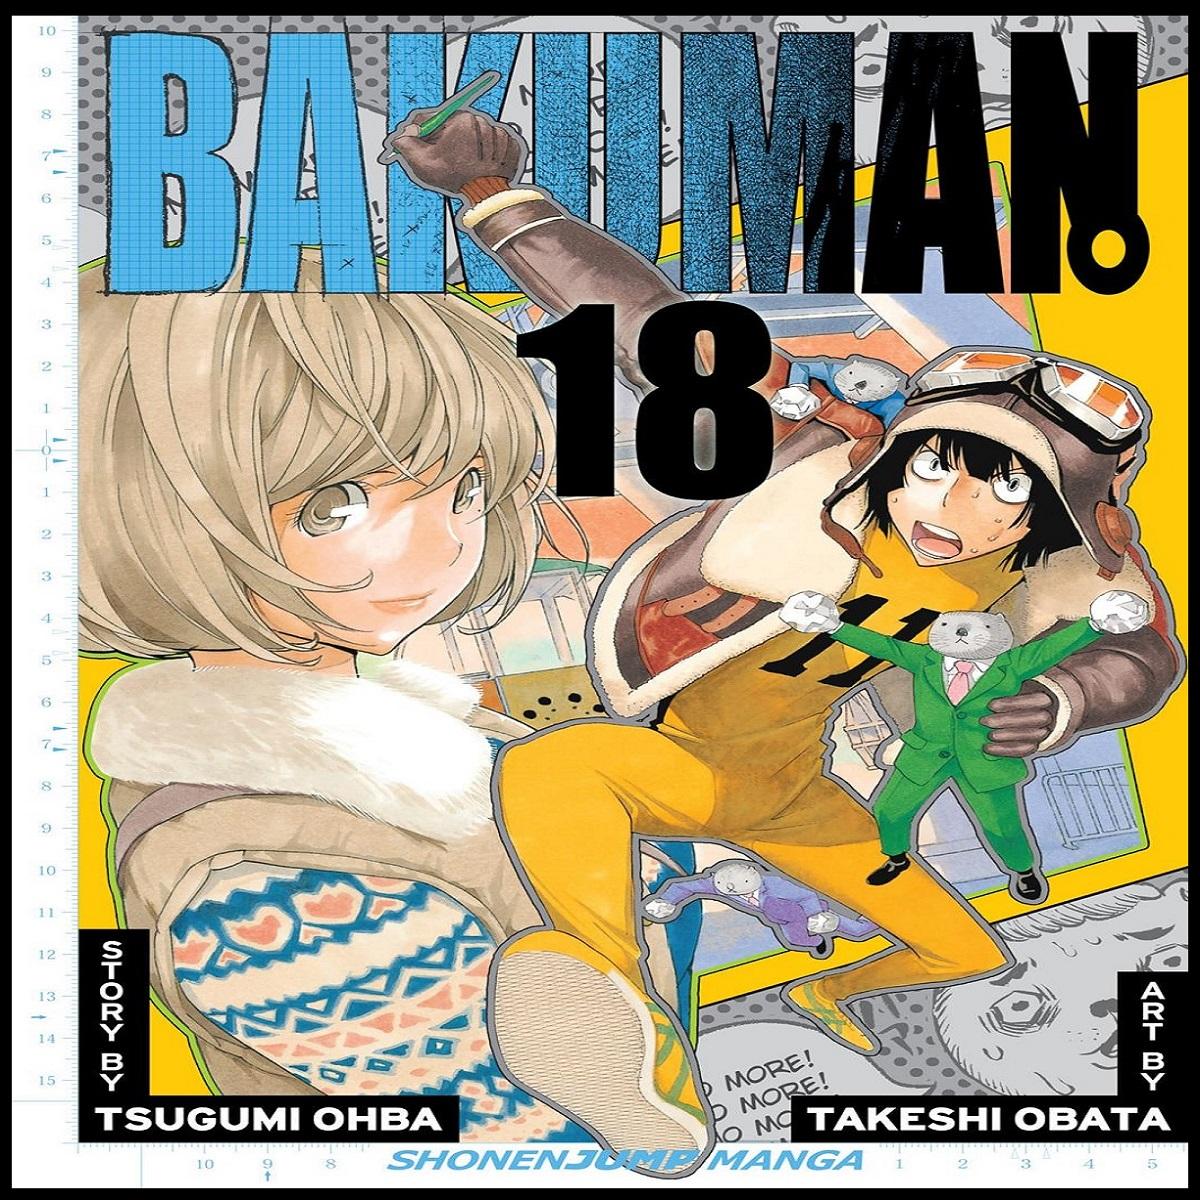 مجله Bakuman 18 مارچ 2013